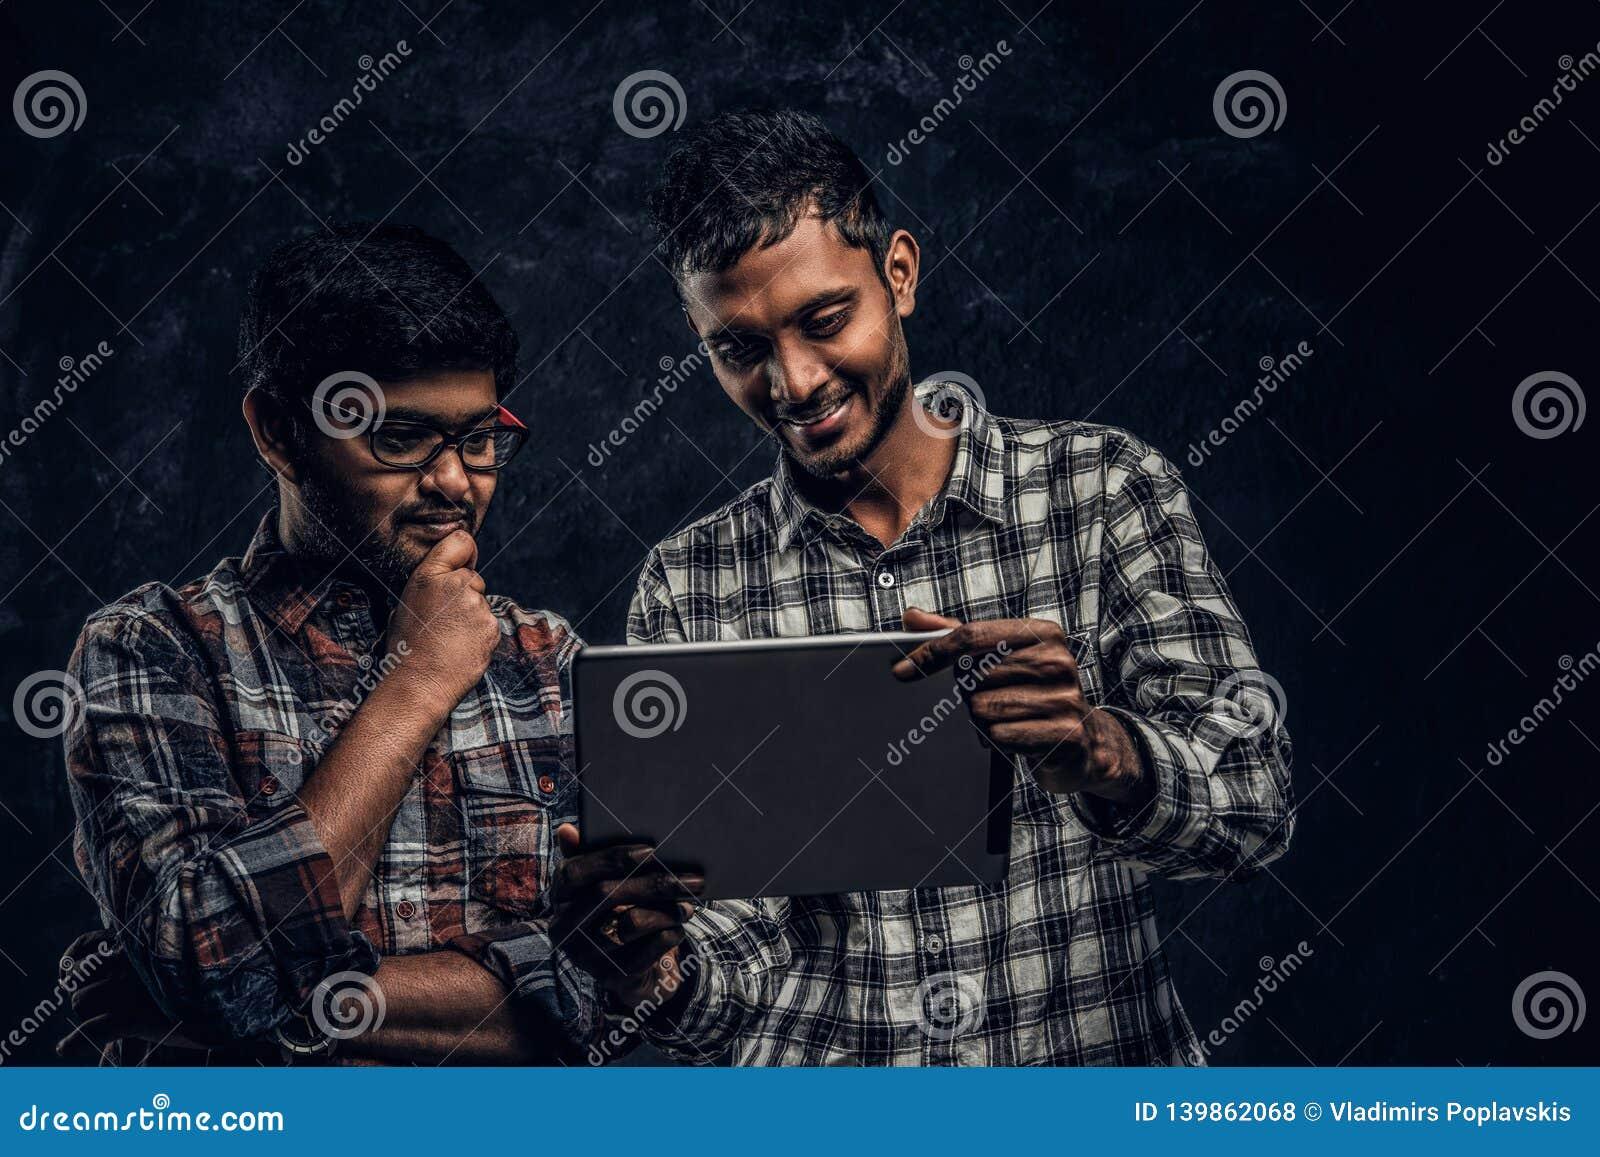 Tre amici indiani felici in abbigliamento casual stanno in un abbraccio e selfie di presa sullo smartphone